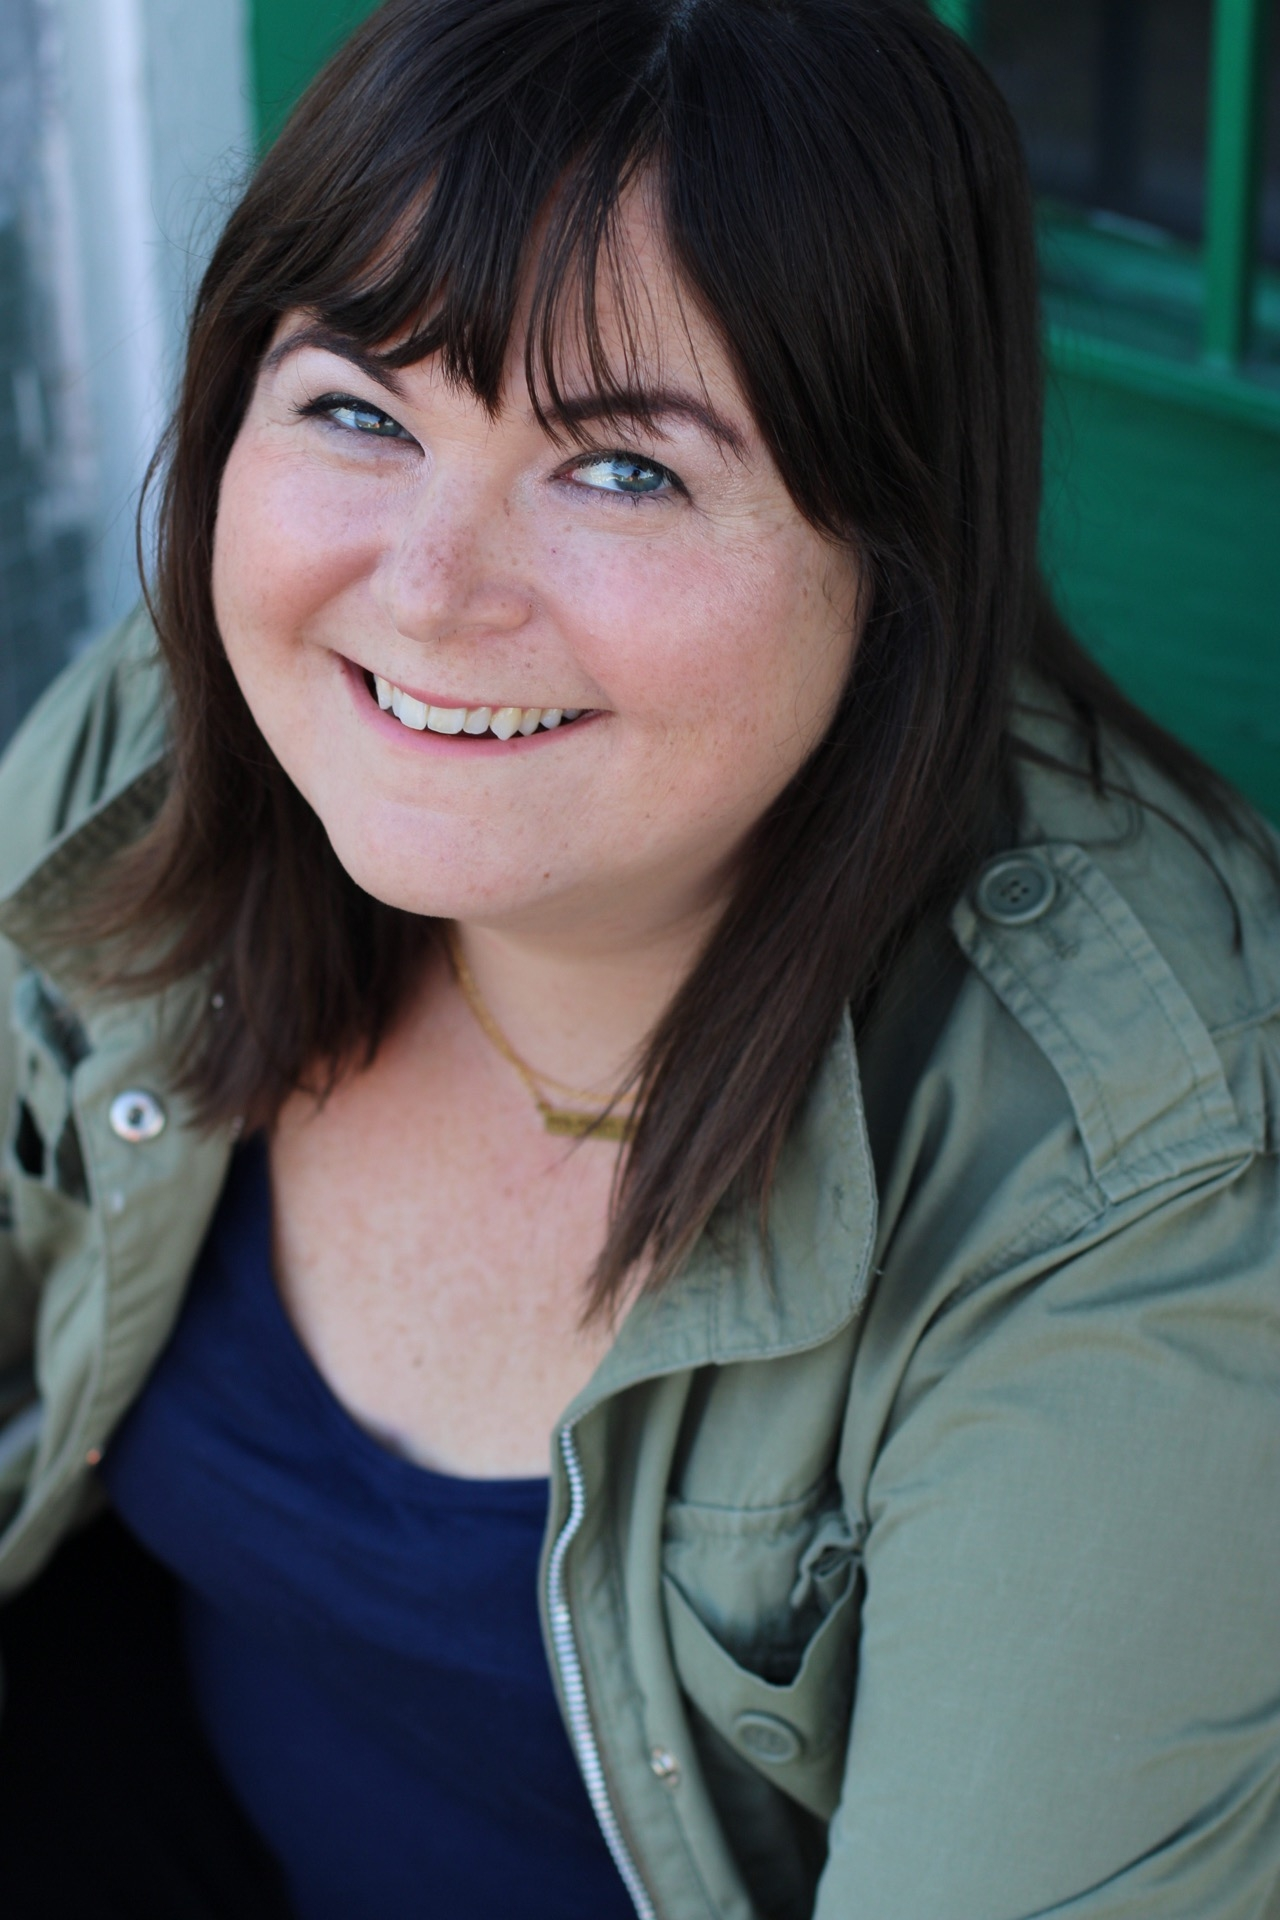 Rebecca Edwards Nude Photos 5